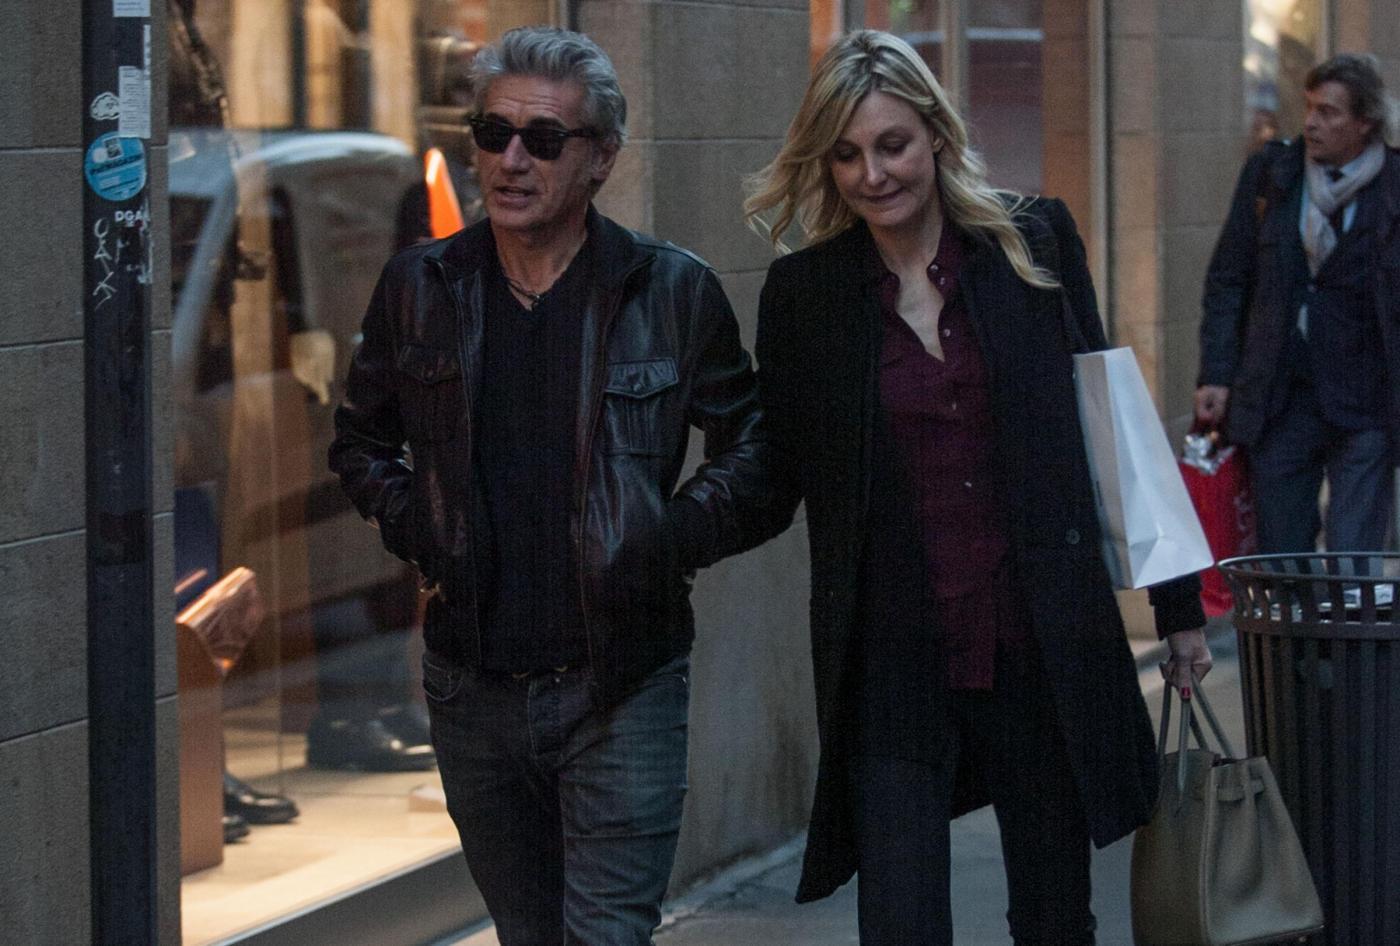 Luciano Ligabue e la moglie Barbara Pozzo a passeggio FOTO 1